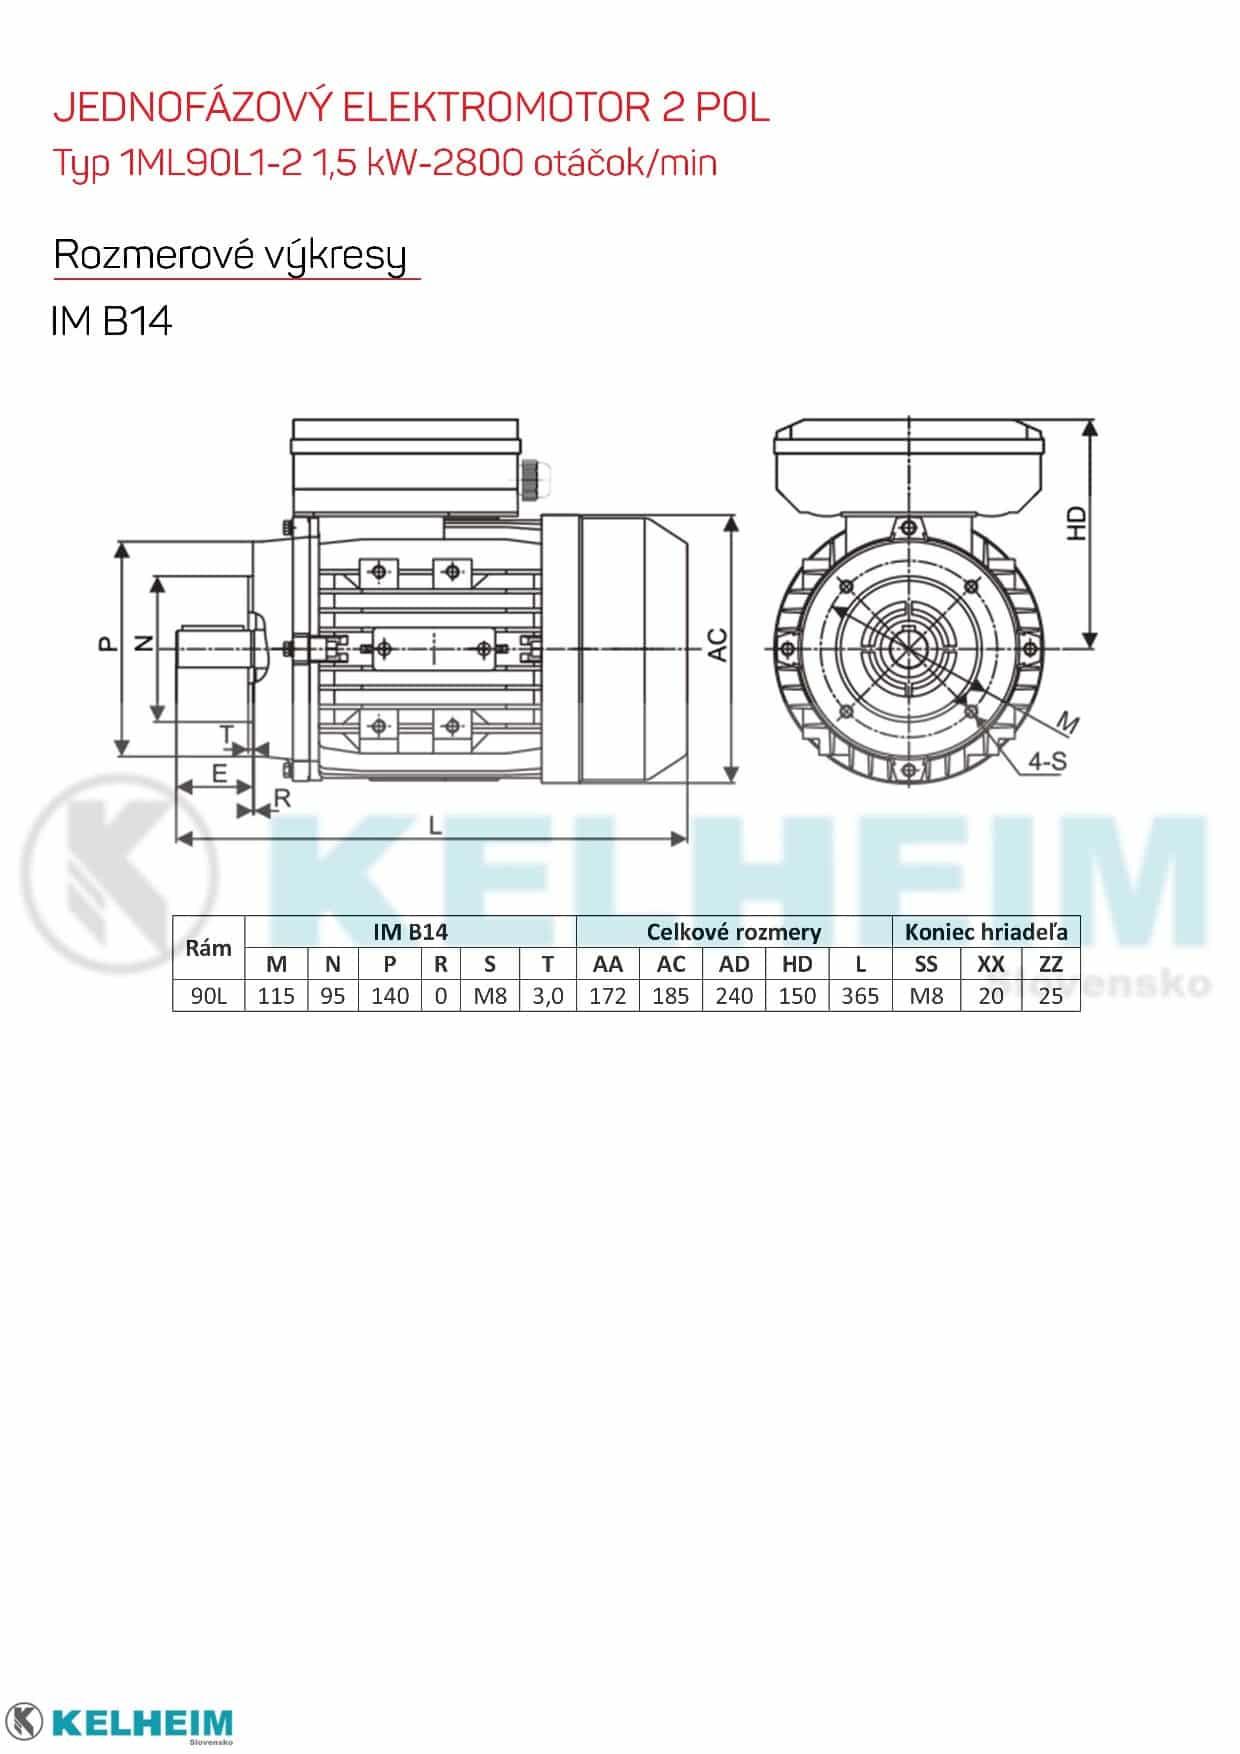 rozměrový výkres - jednofázový elektromotor 1,5kw